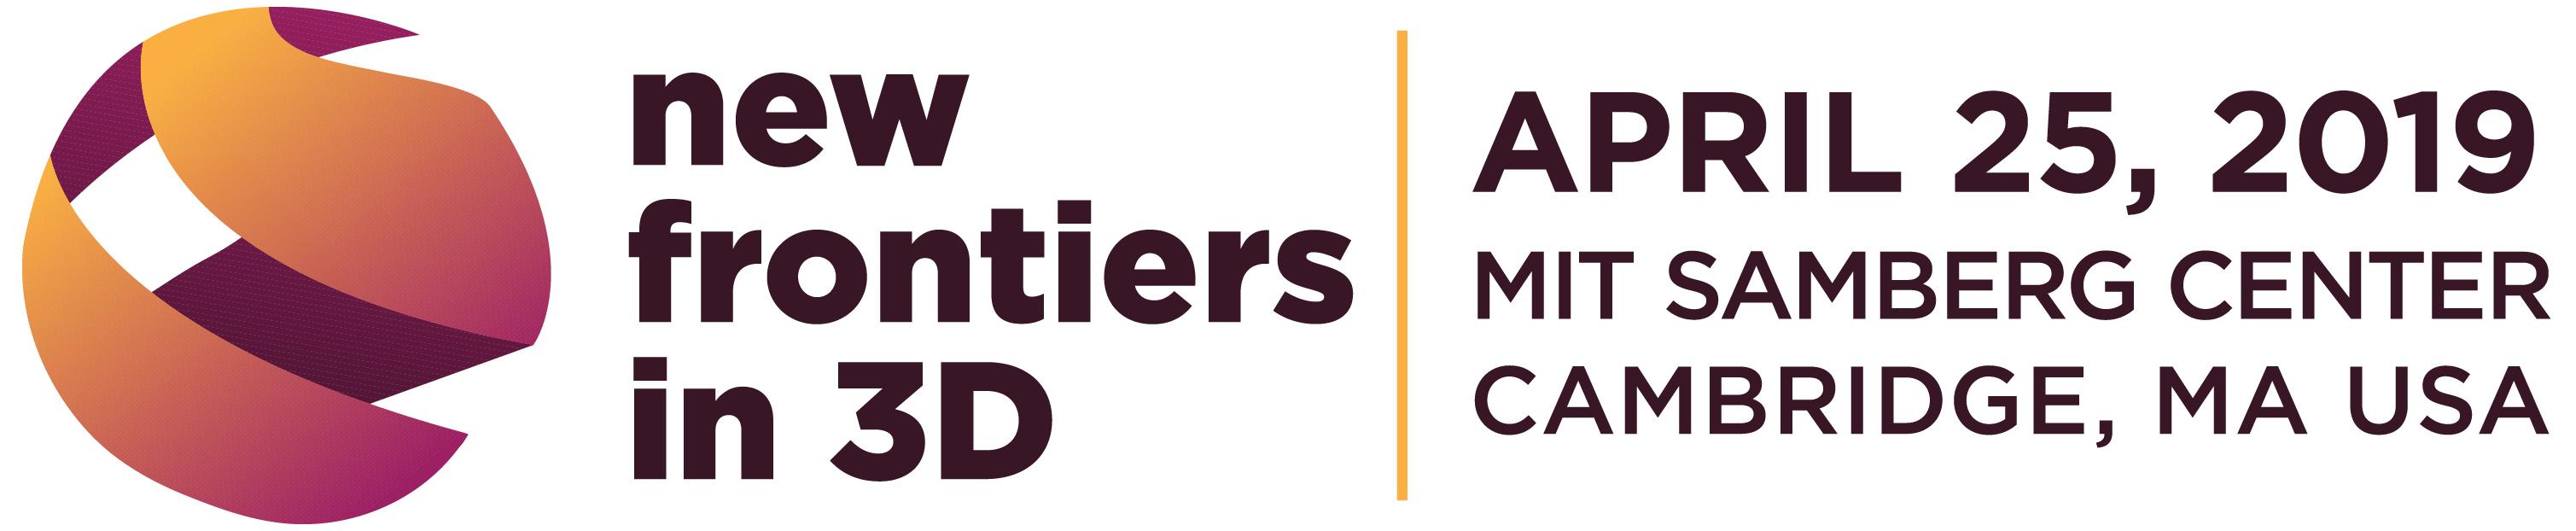 New Frontiers in 3D logo